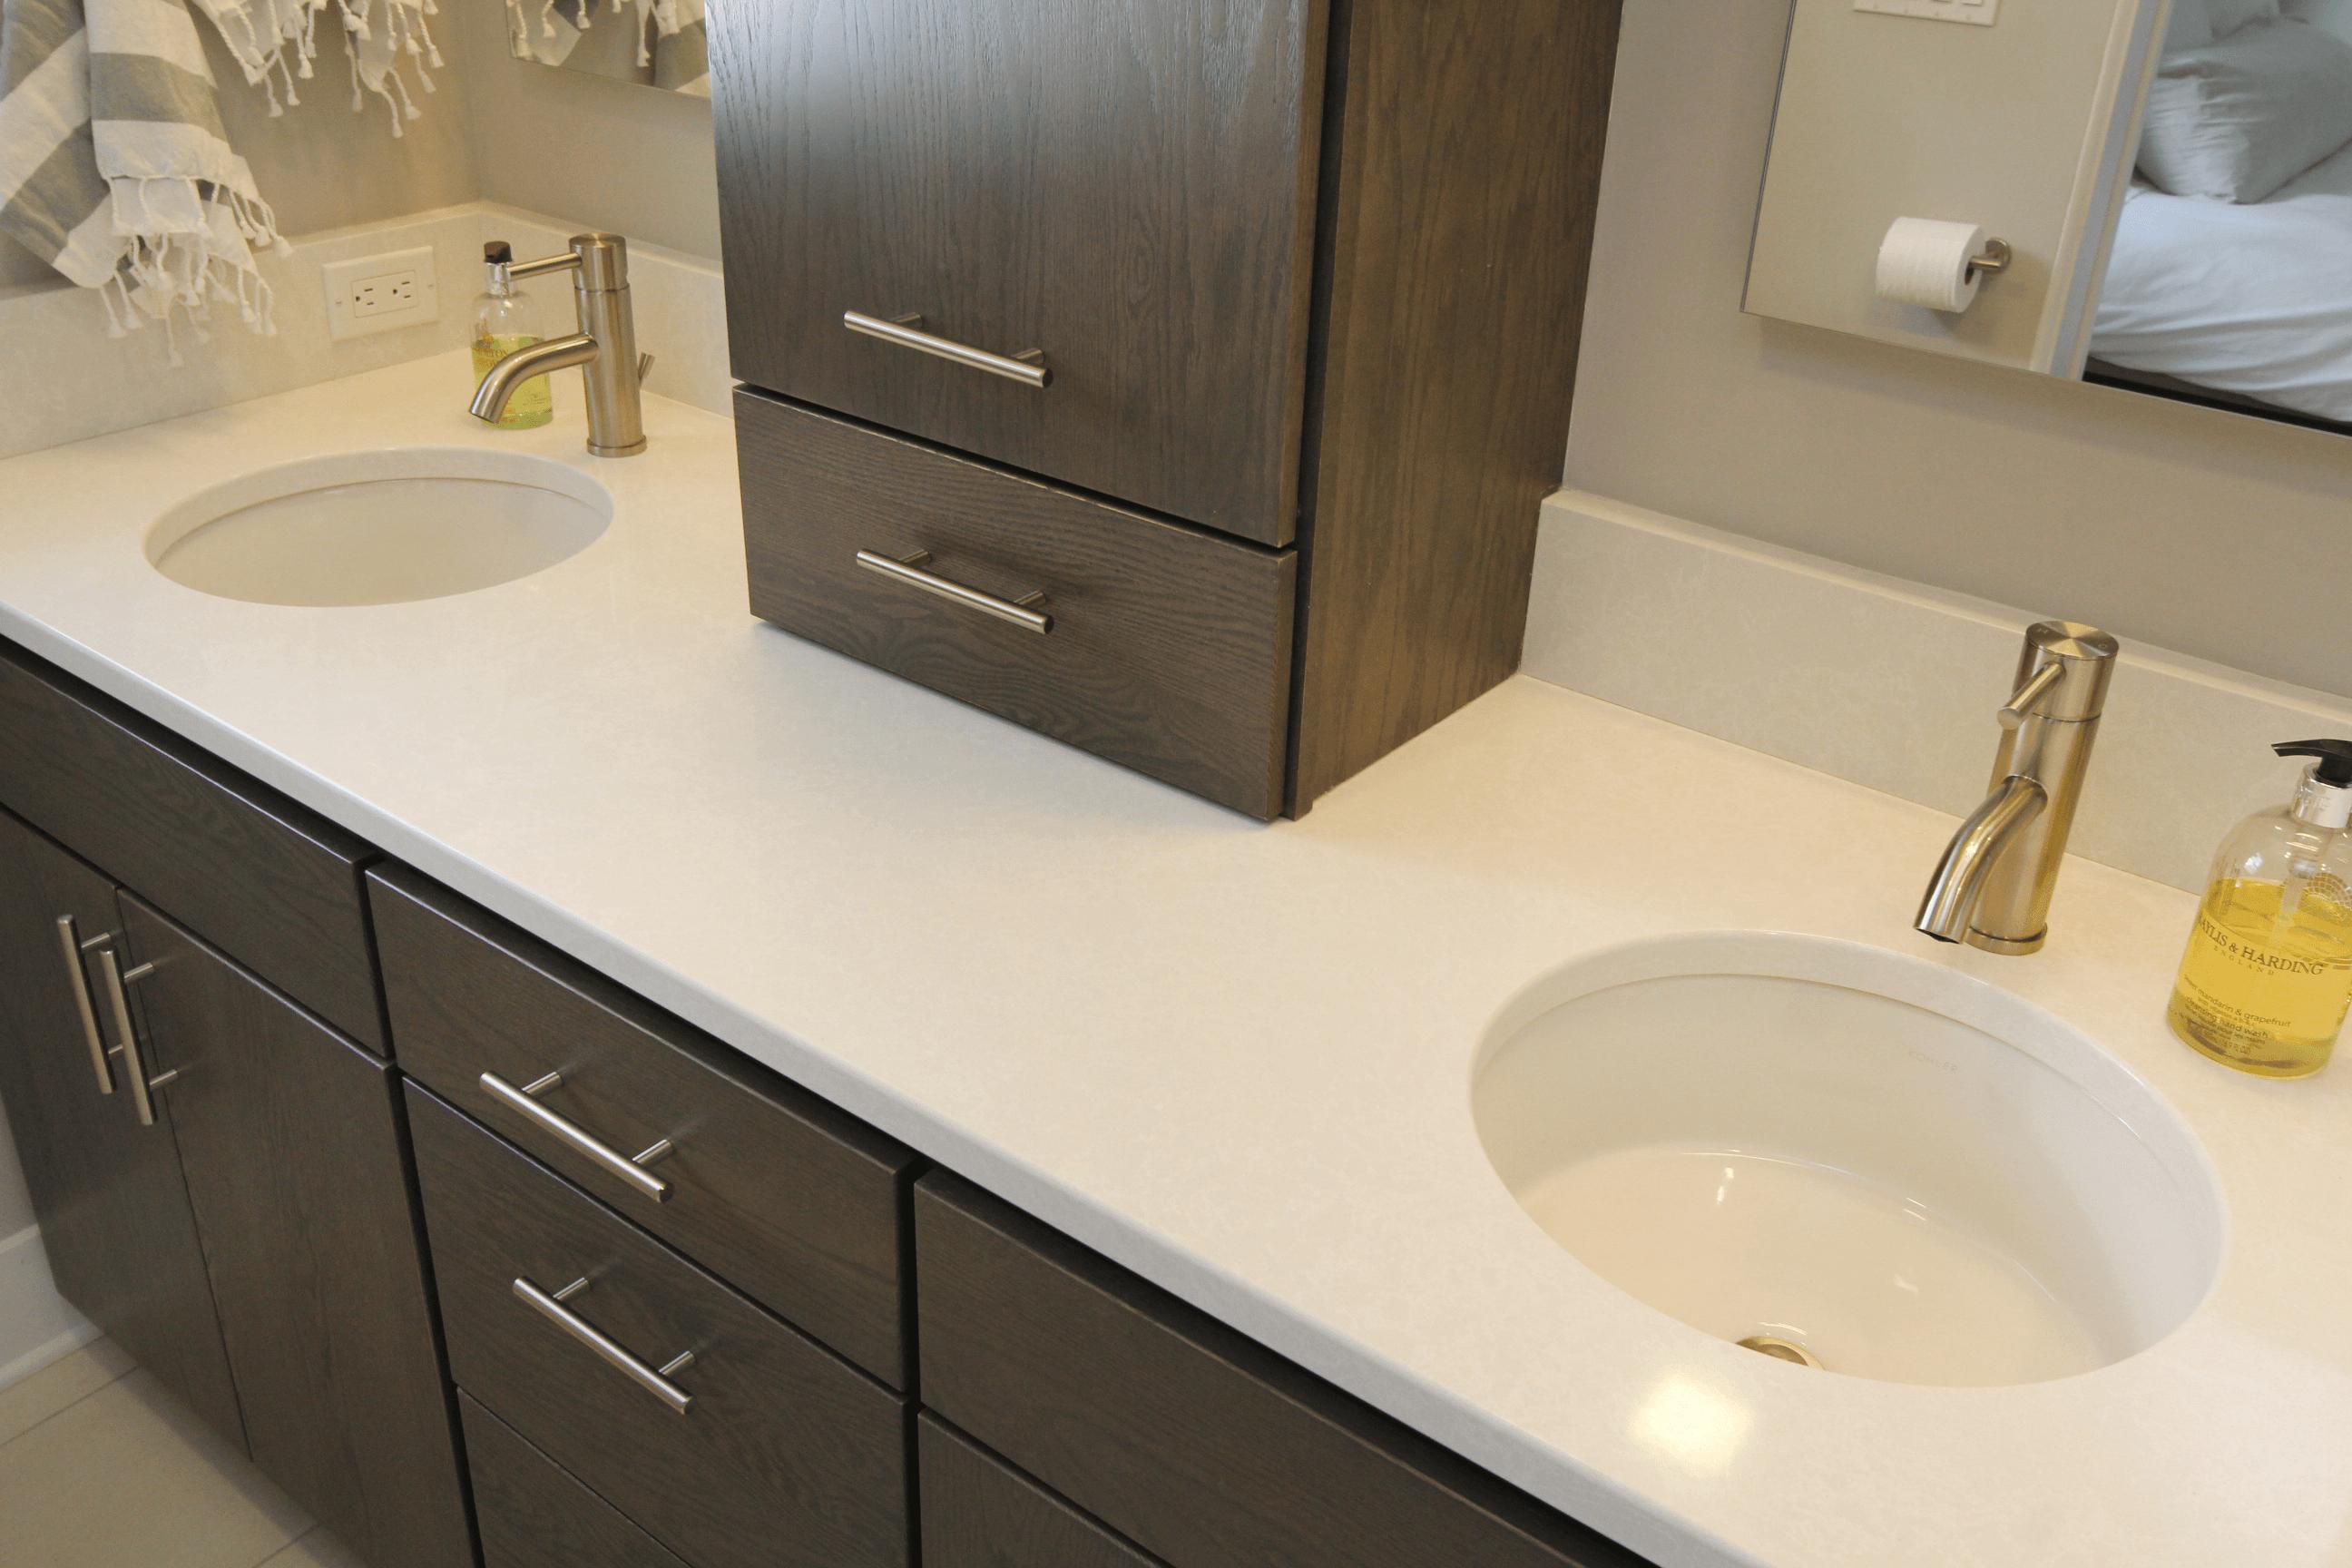 A Trend Our Clients Love Quartz Countertops